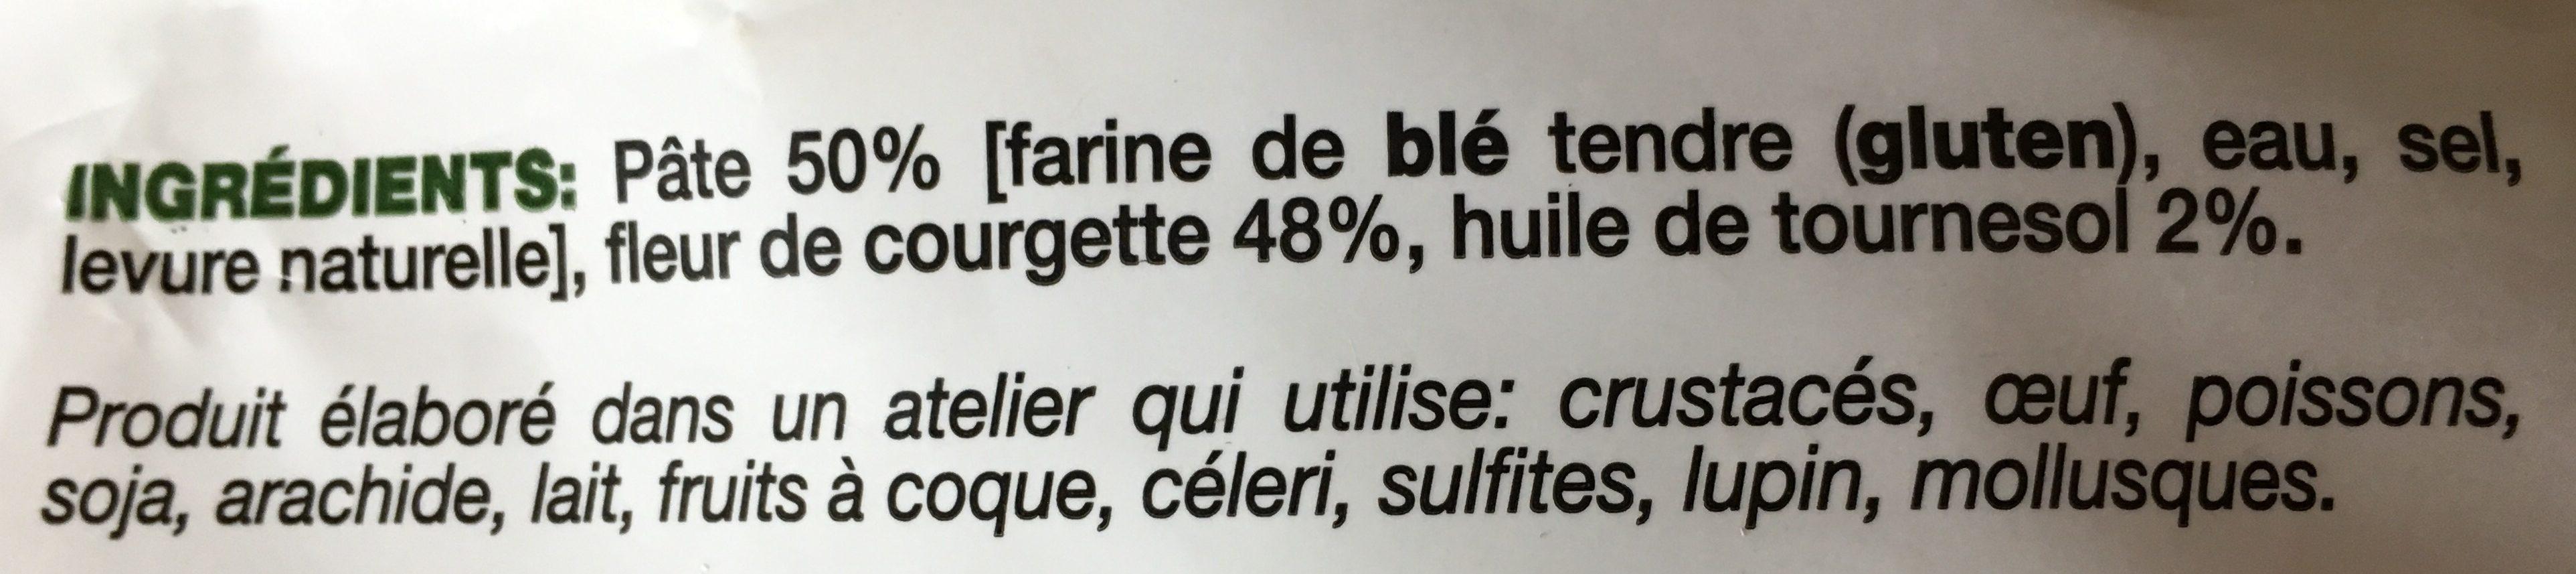 Beignets de Fleur de Courgette - Ingredients - fr